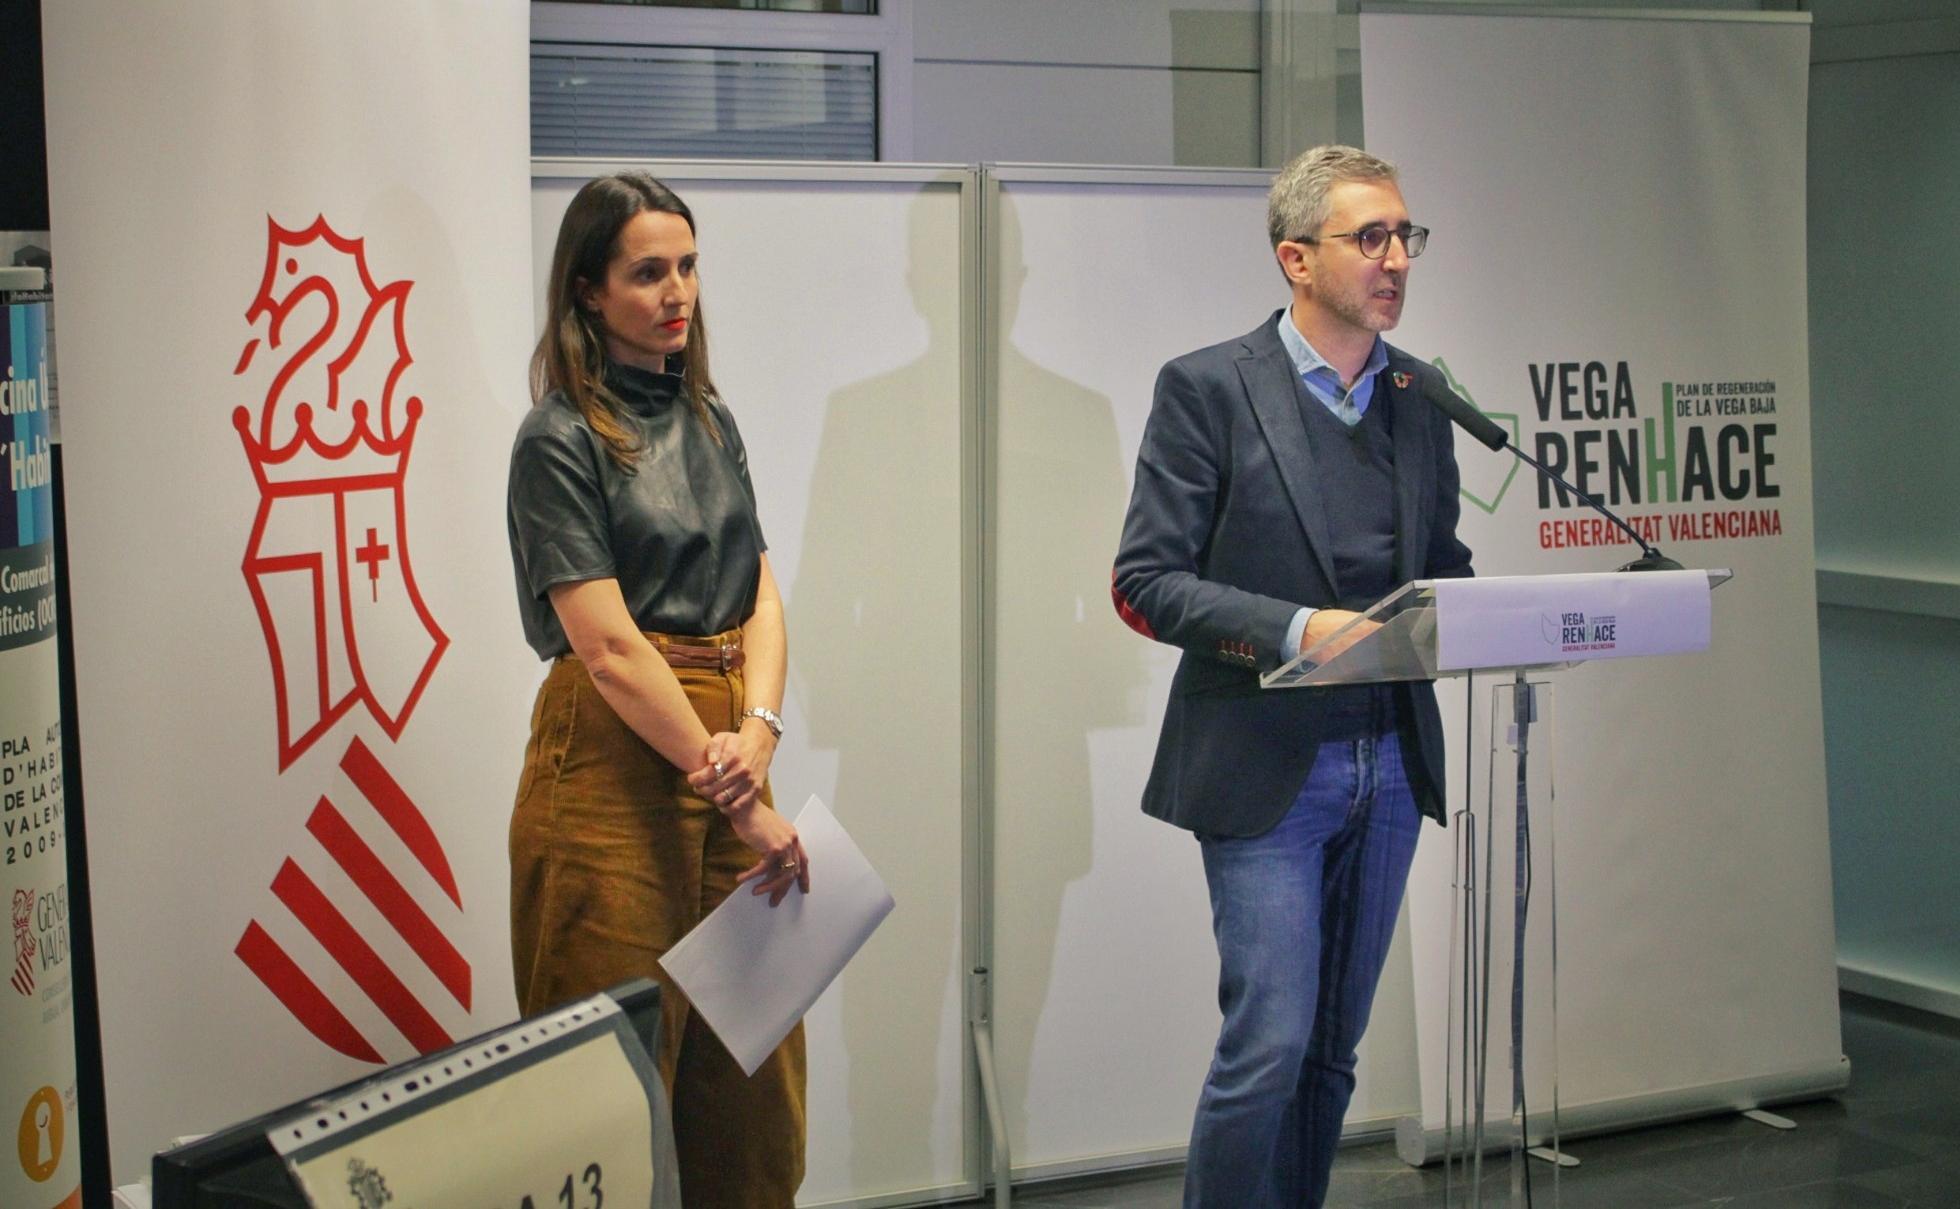 """Arcadi España: """"El Plan Vega Ren-hace reunirá a expertos en inundaciones para proponer y consensuar soluciones para la Vega Baja"""""""